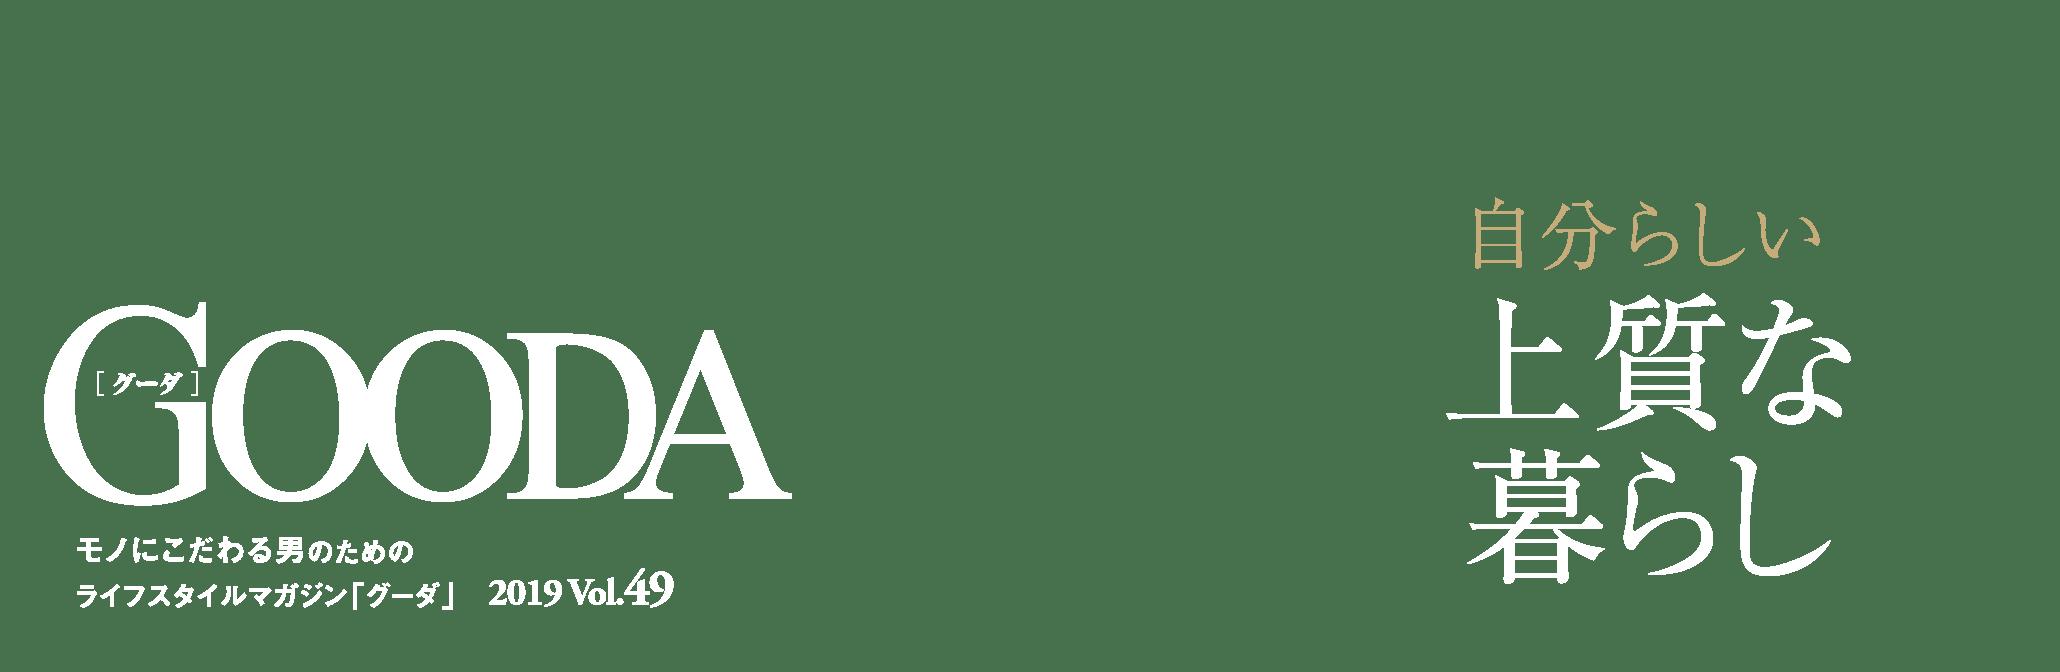 モノにこだわる男のためのライフスタイルマガジン「グーダ」 2019 vol.49 自分らしい上質な暮らし